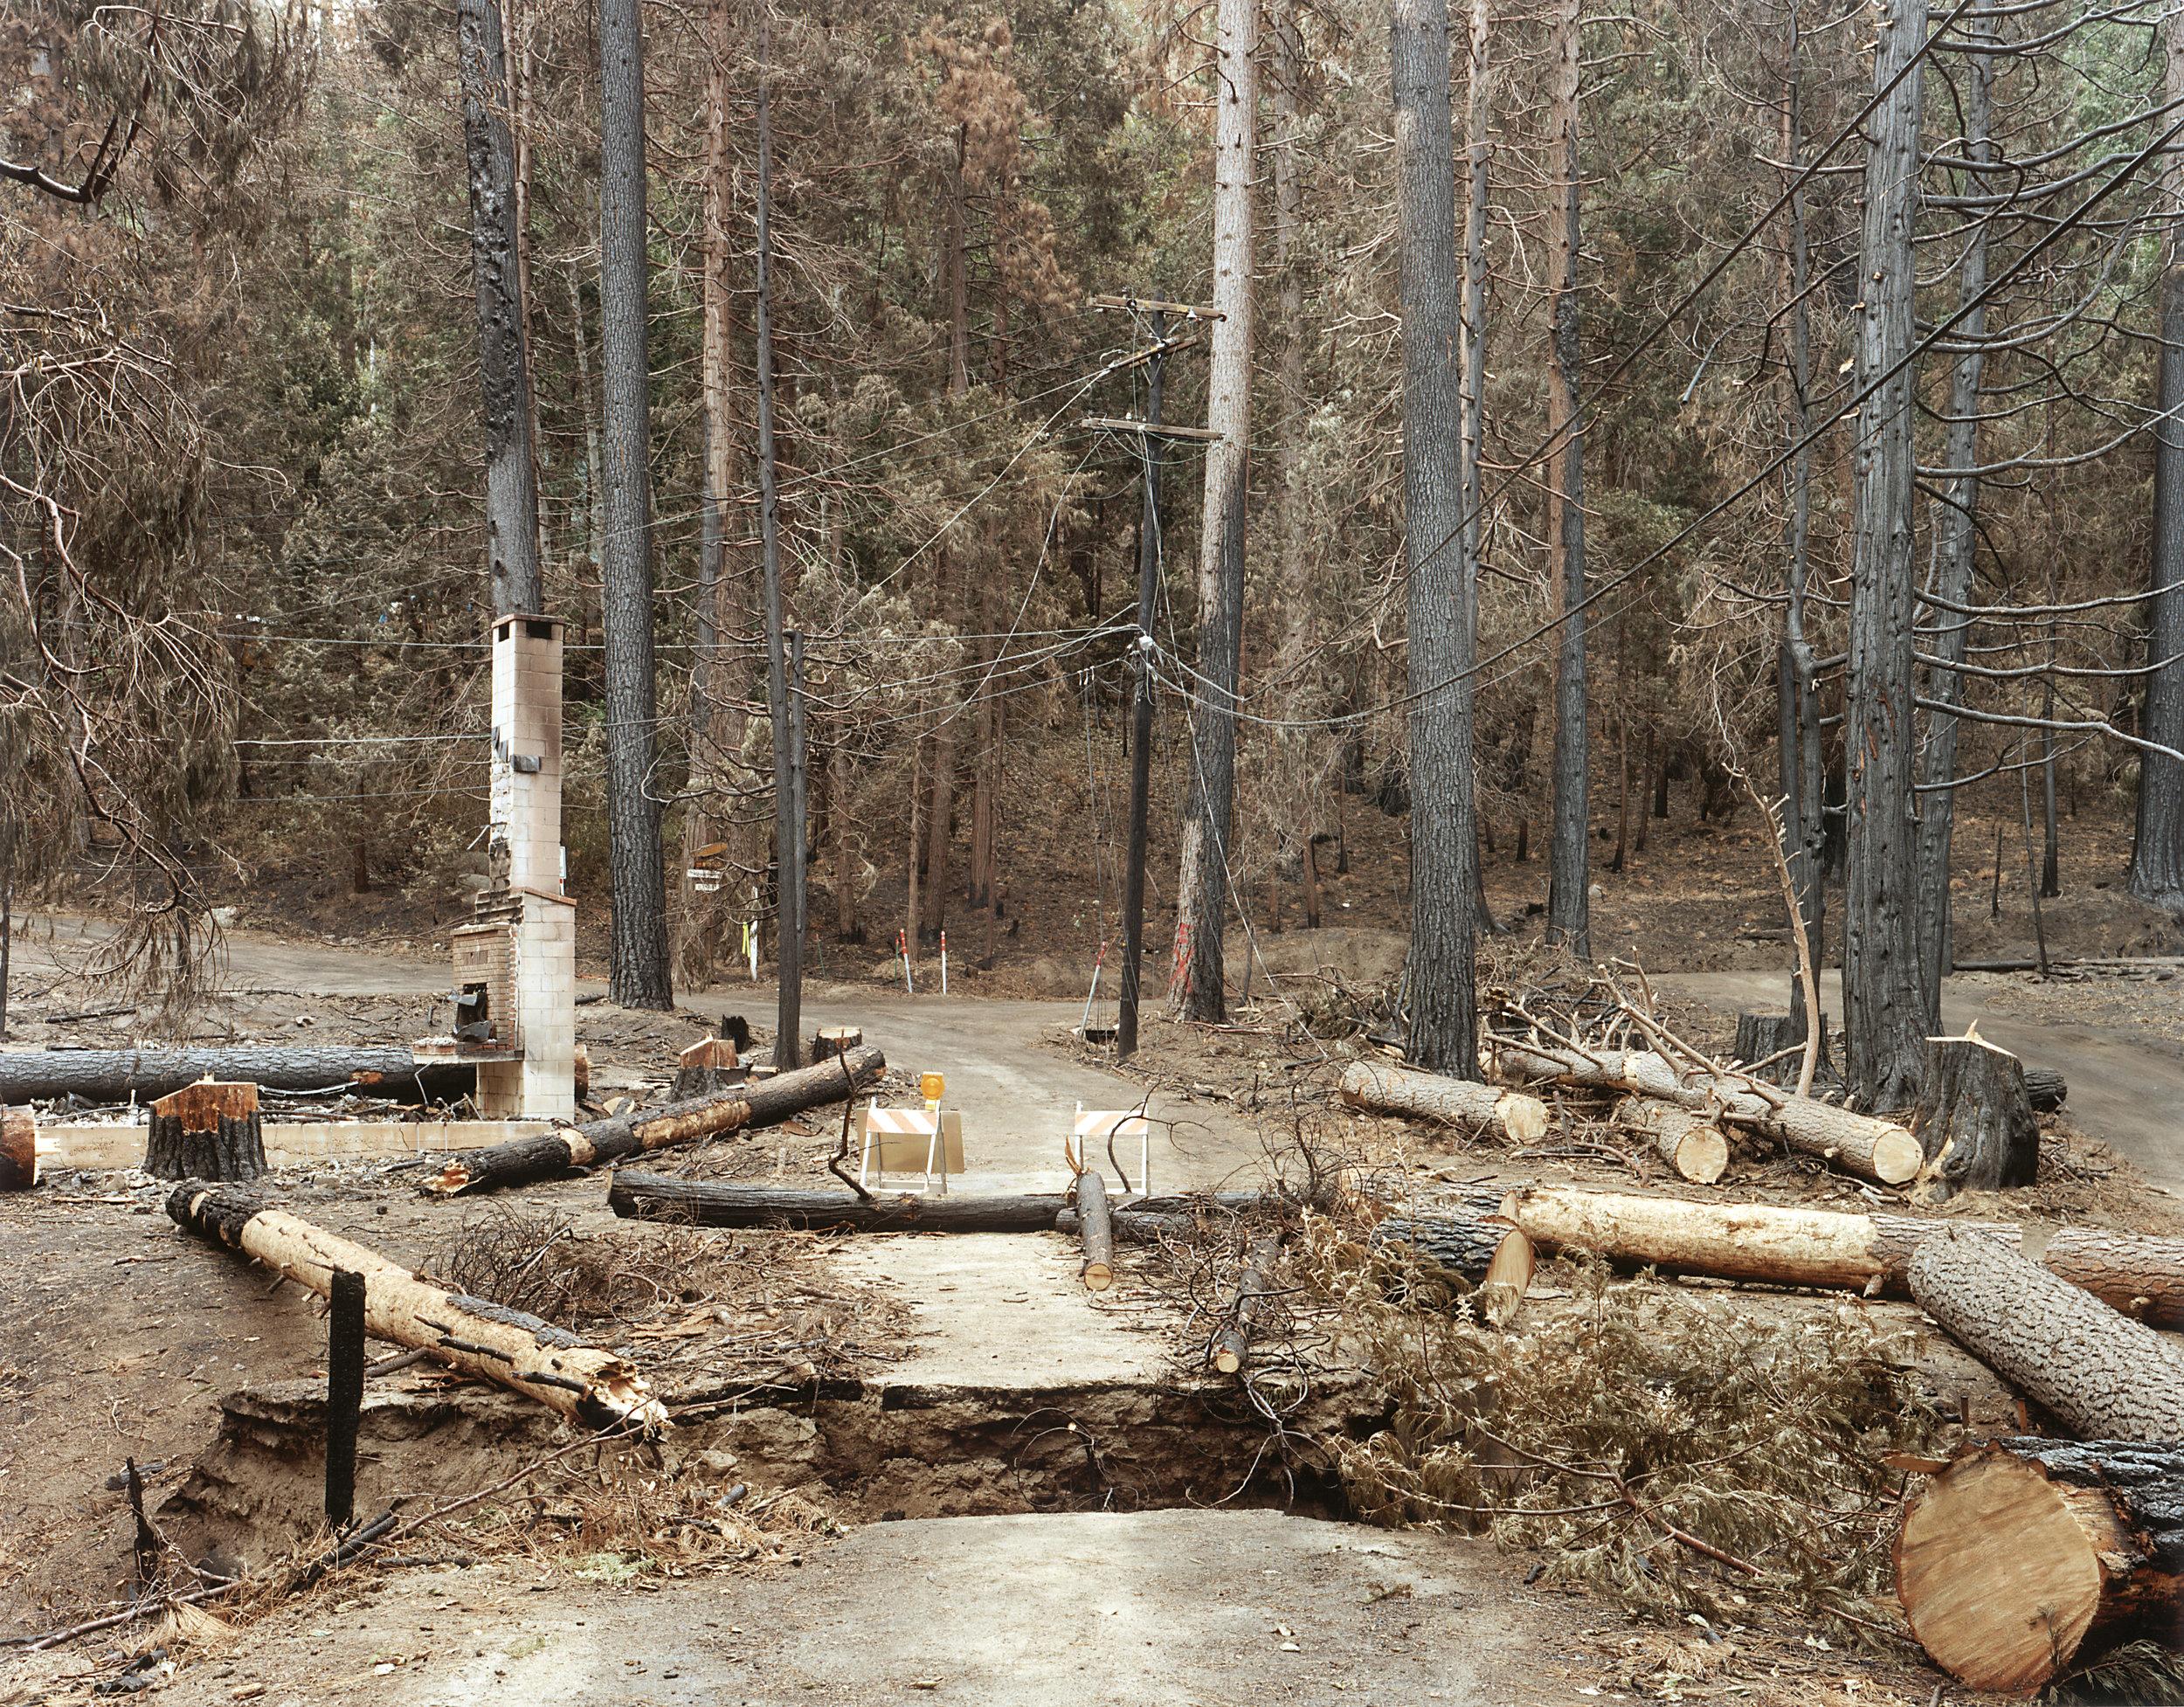 Wildfire #6. Old Fire, Cedar Glen, CA, 2003